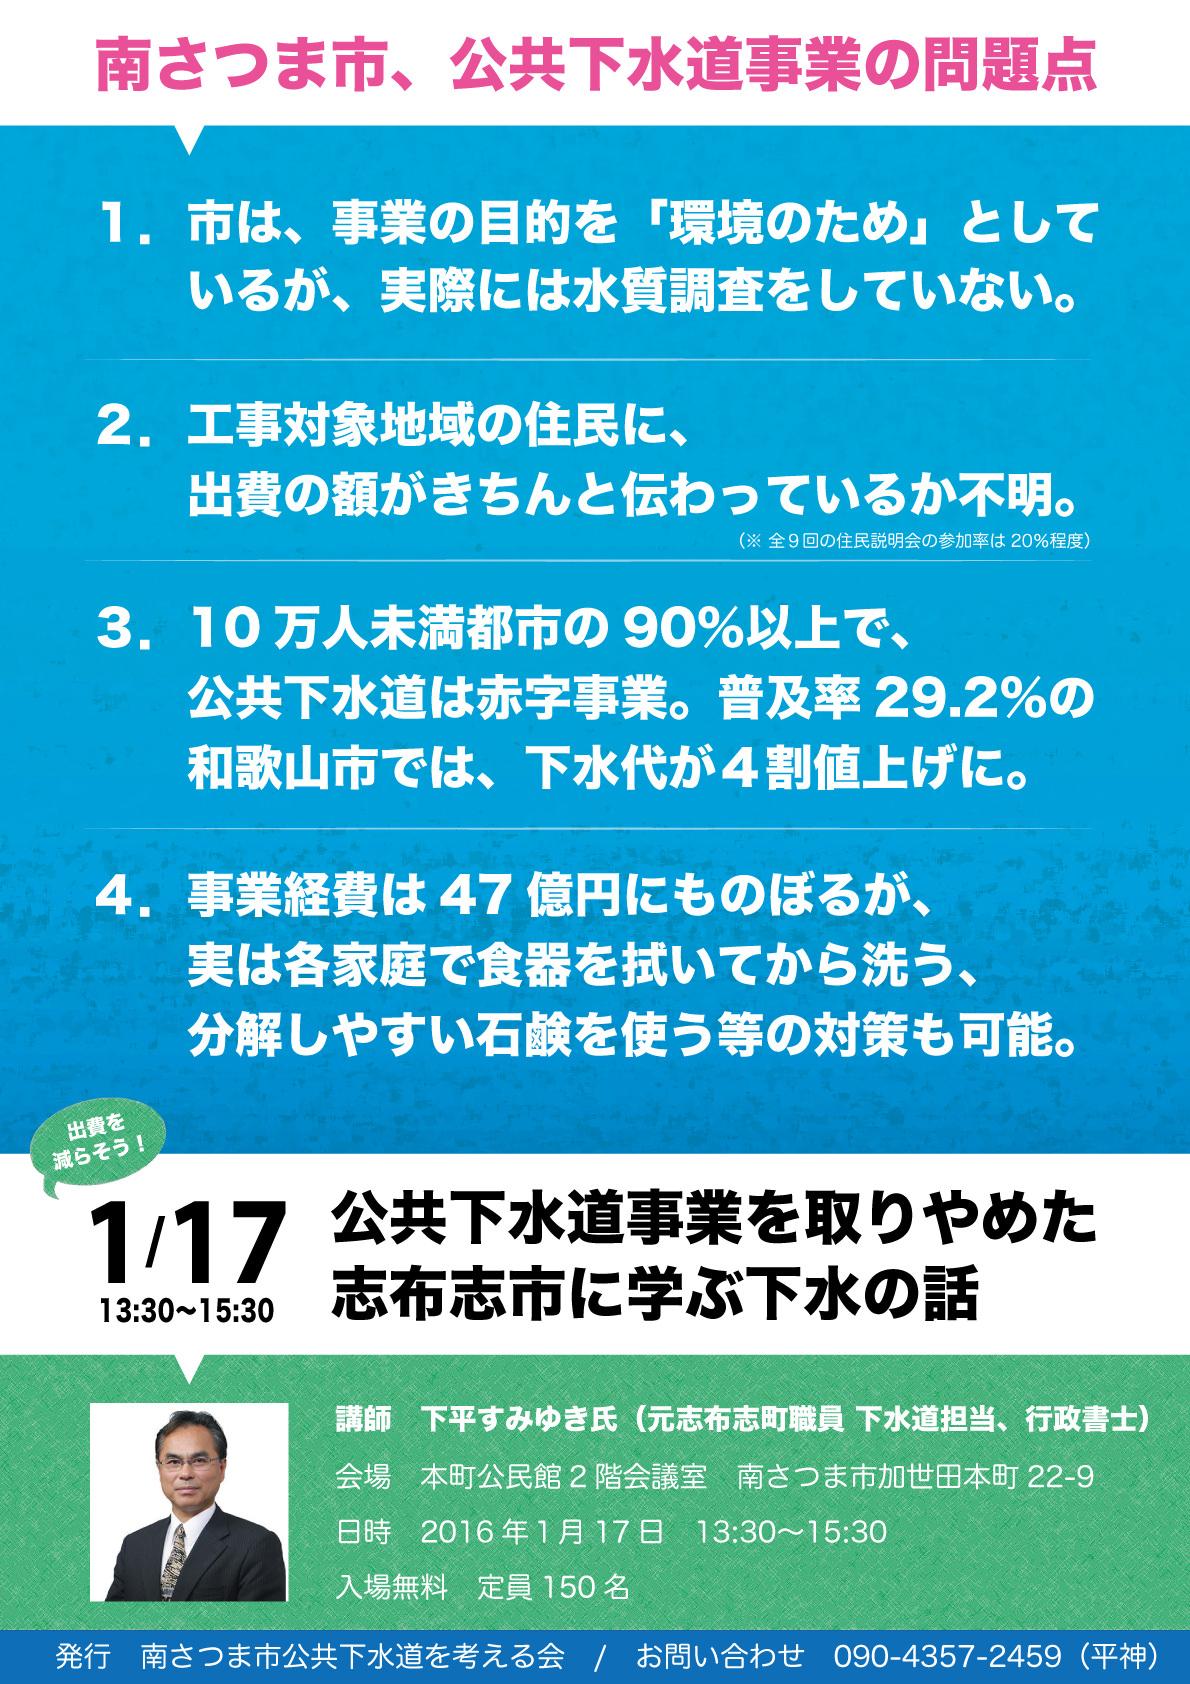 公共下水道事業を取りやめた 志布志市に学ぶ下水の話